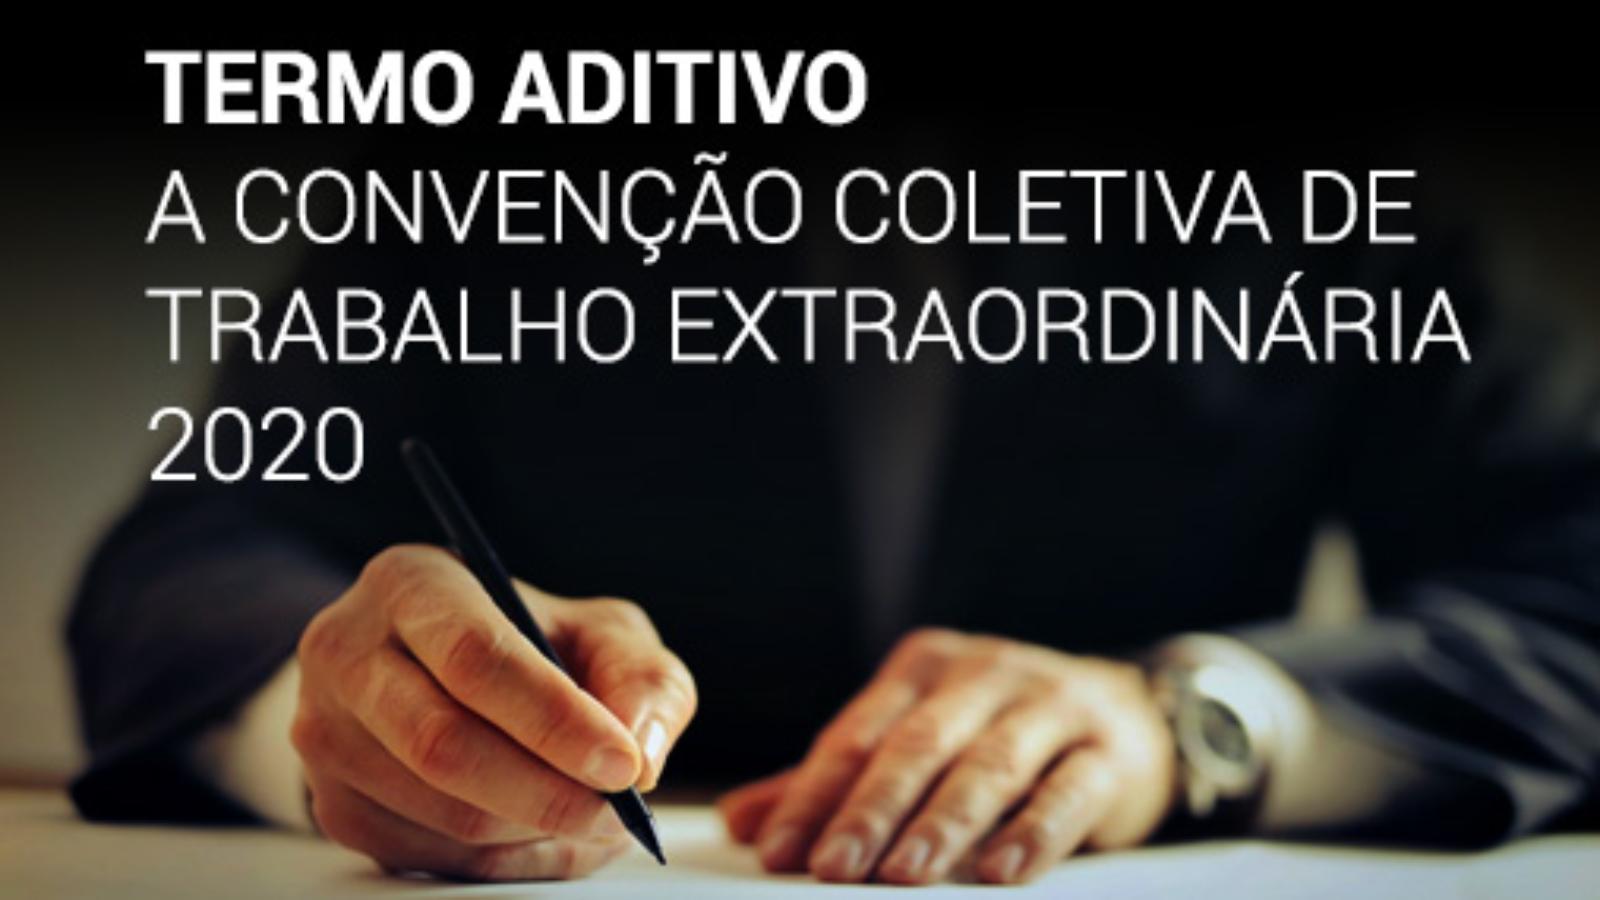 TERMO ADITIVO A CONVENÇÃO COLETIVA DE TRABALHO EXTRAORDINÁRIA 2020